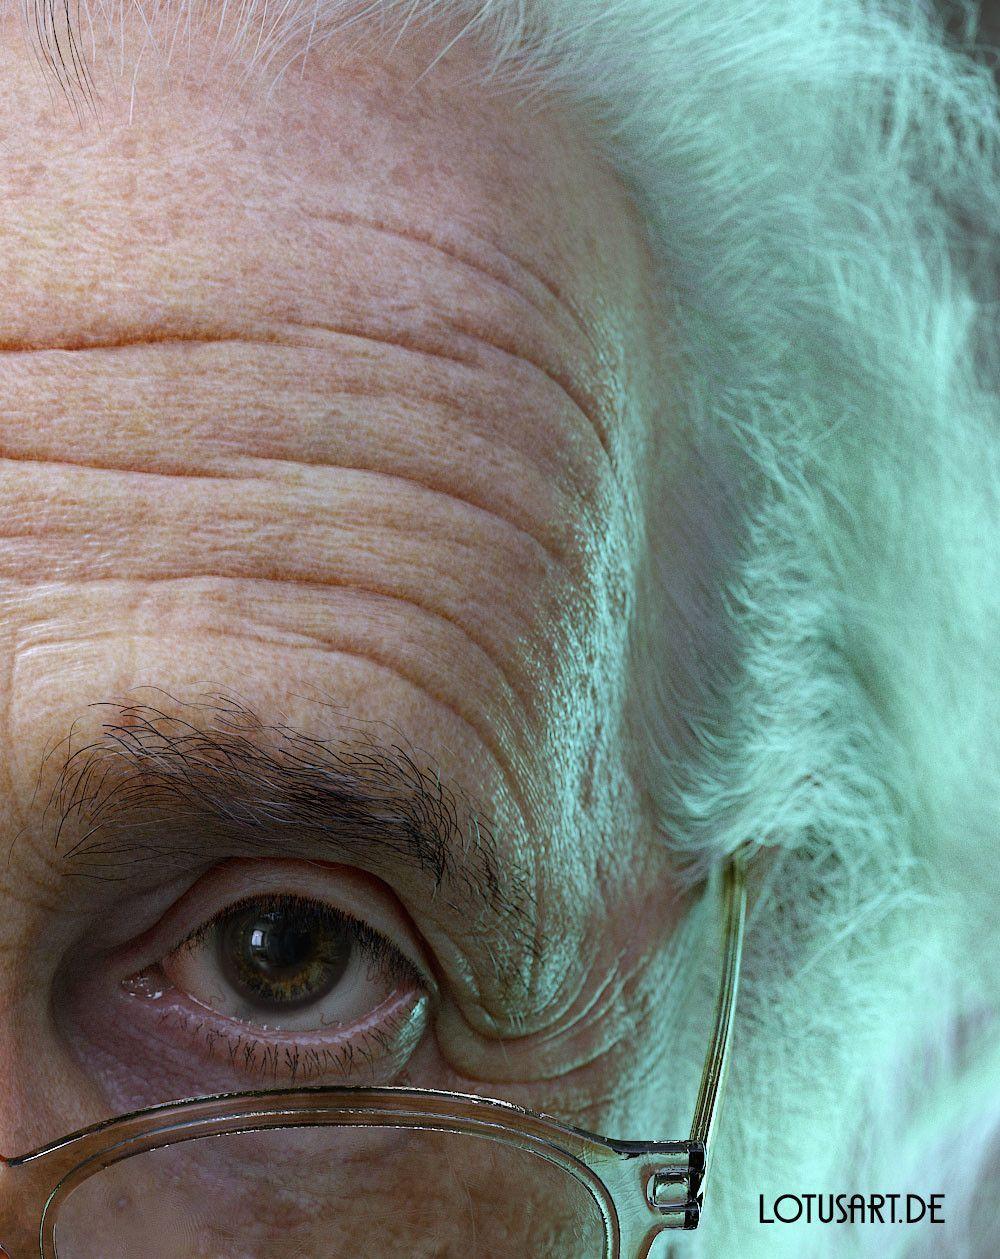 alexander-beim-alberteinstein-lotusart-alexanderbeim-05 Albert Einstein 3D Porträt für ein Hologram